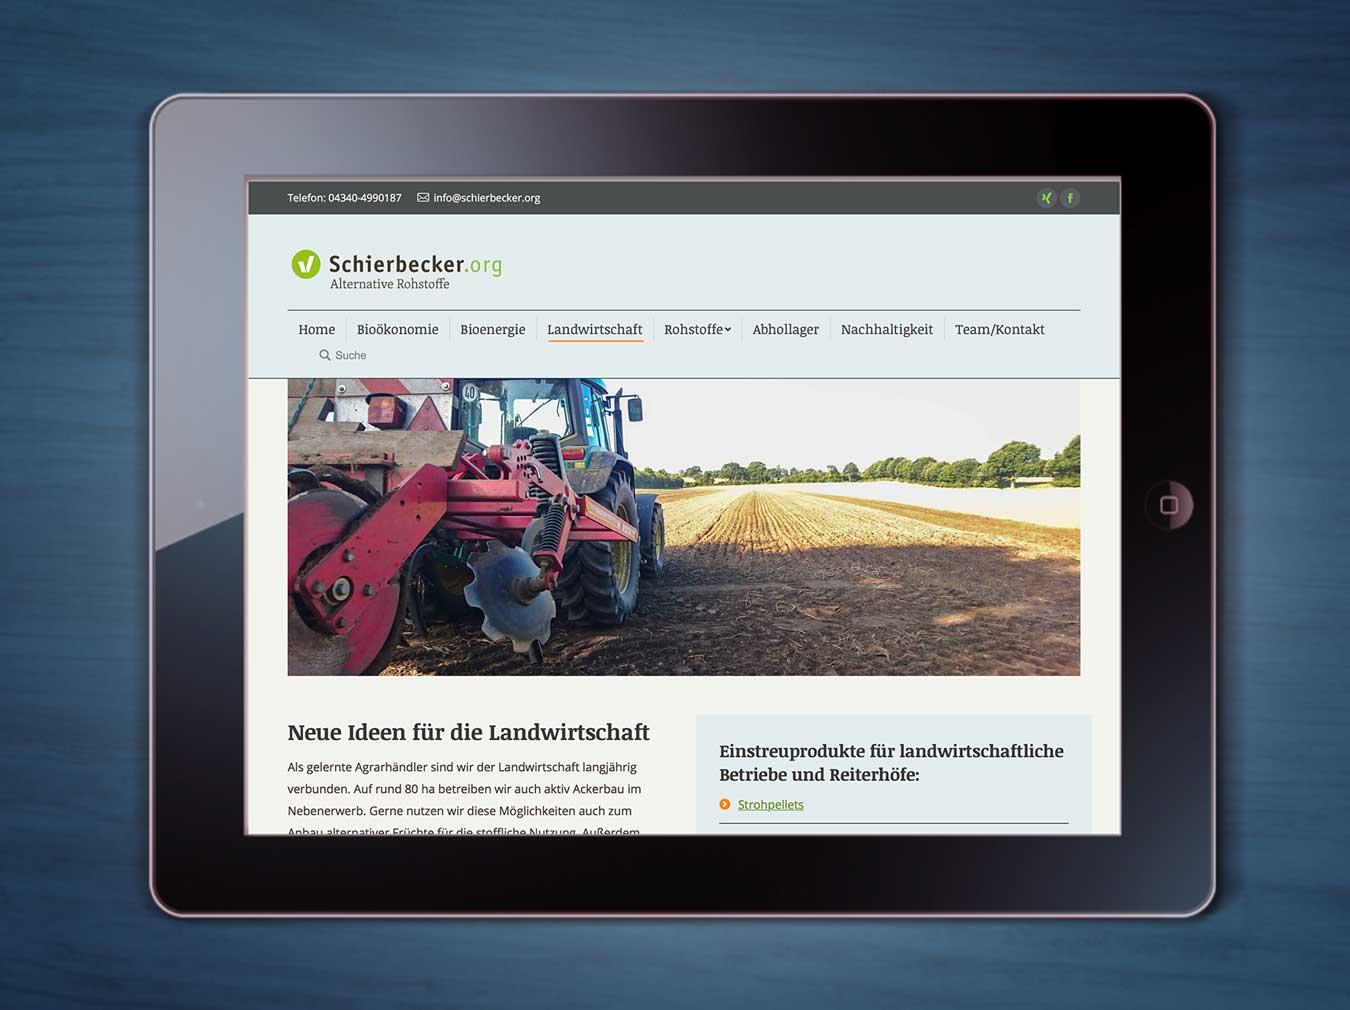 Schierbecker-iPad-Thema-Landwirtschaft